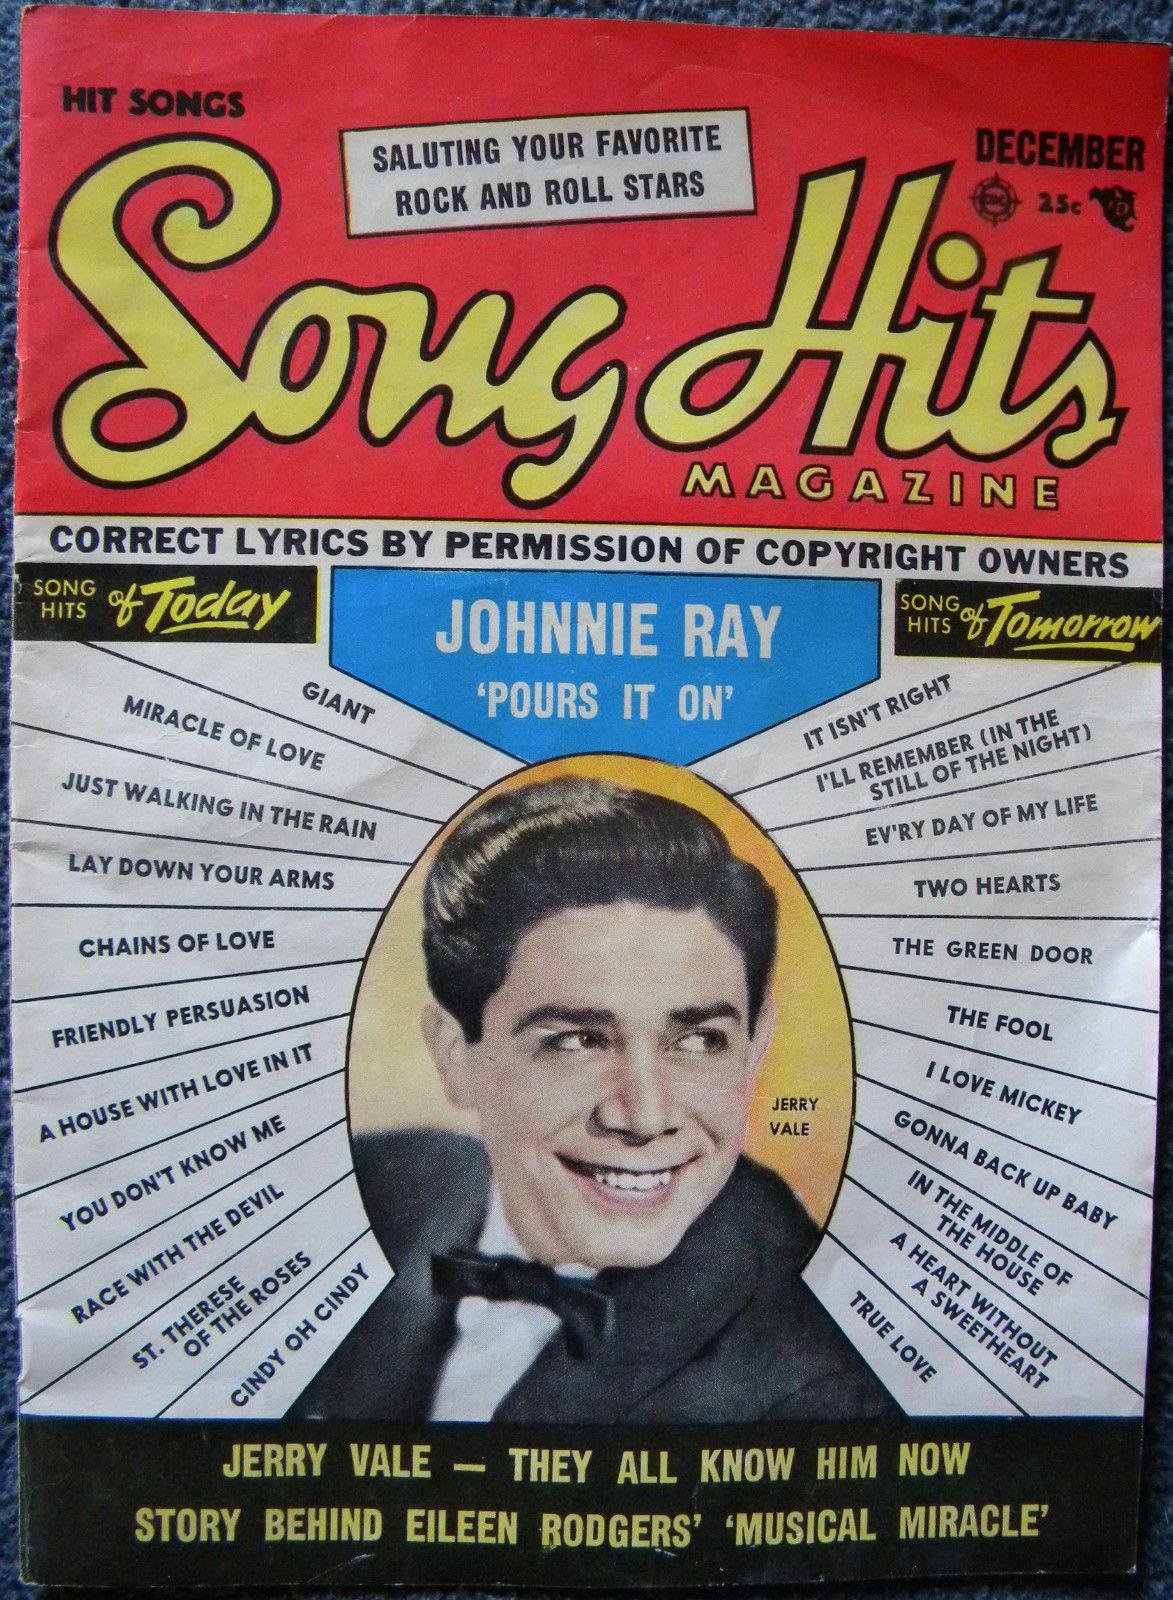 1956 song hits